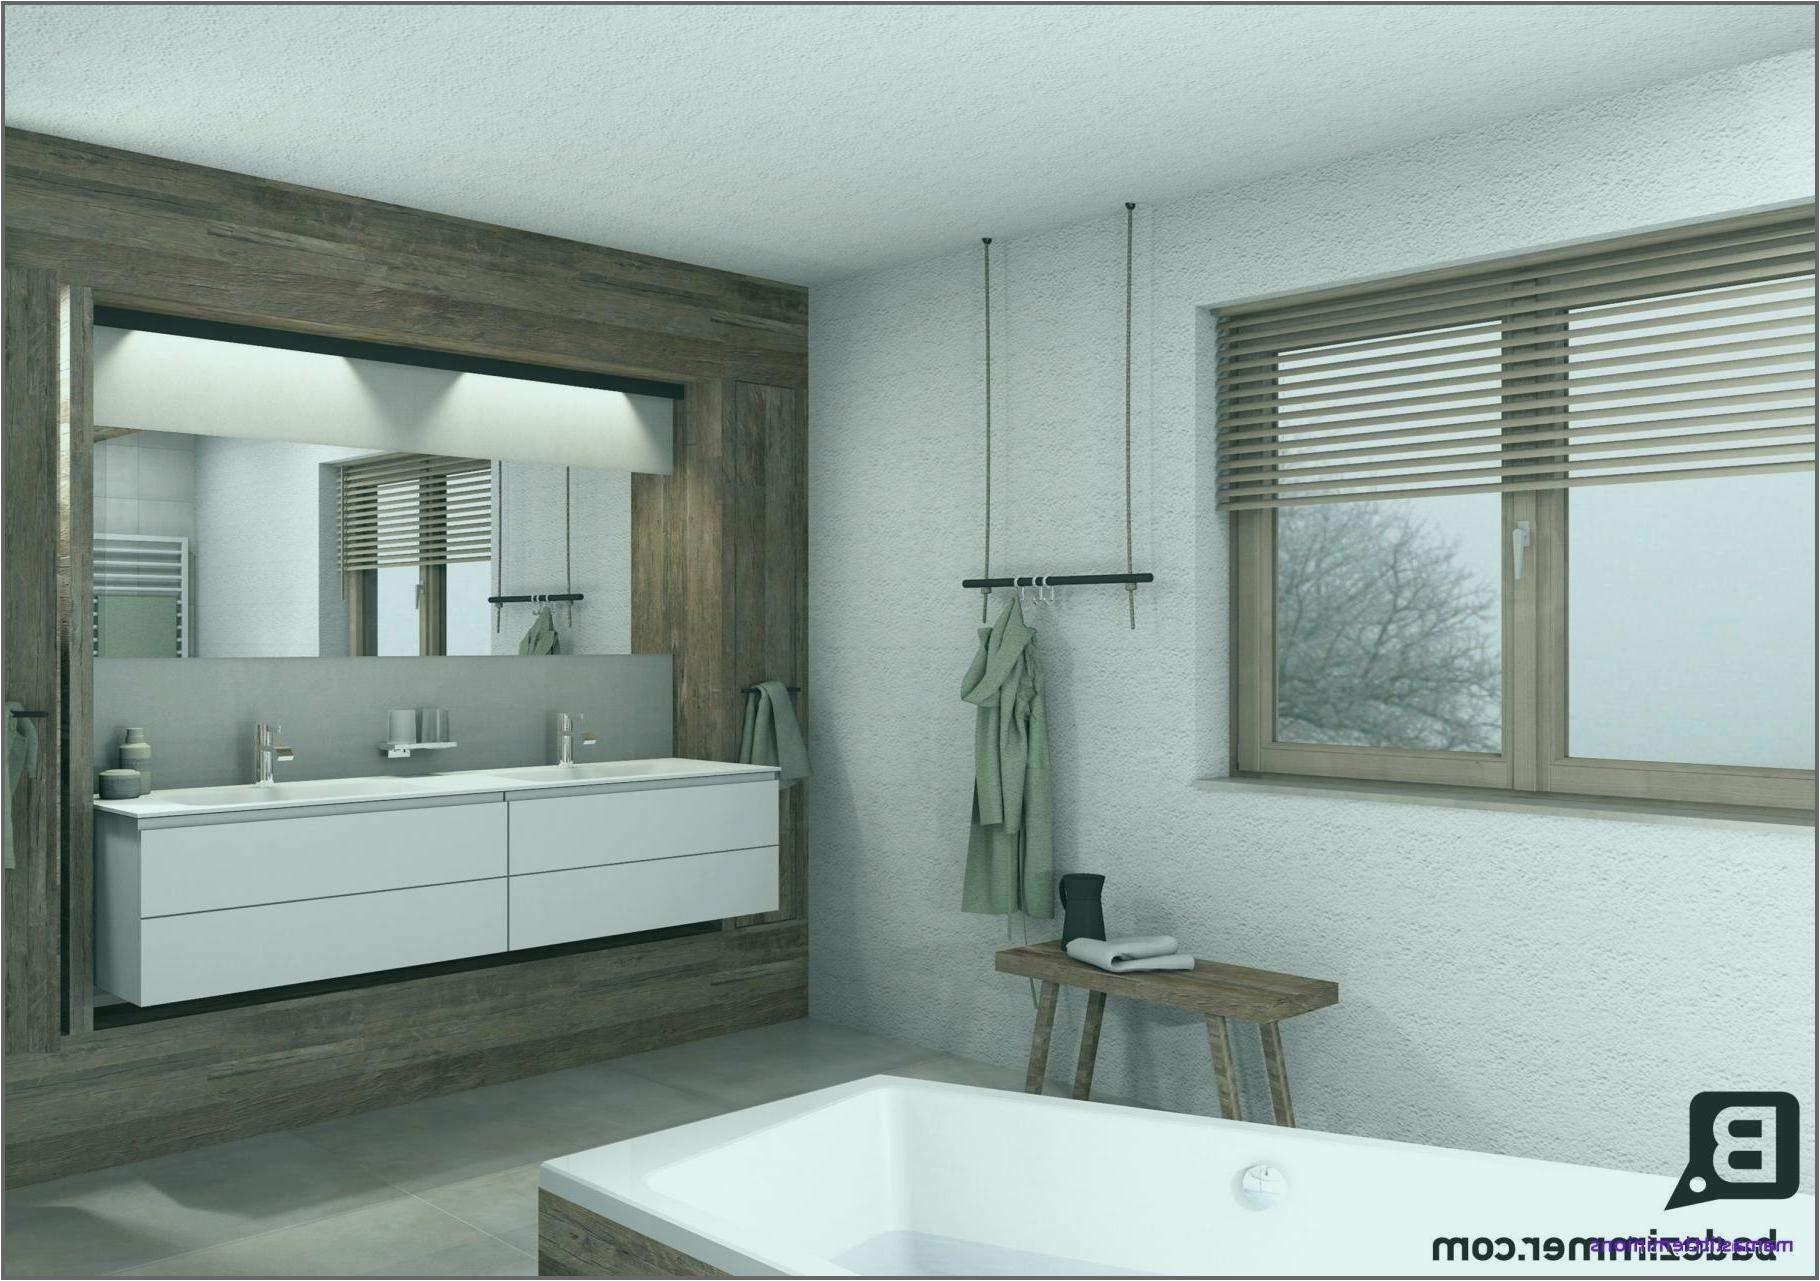 fliesen wohnzimmer ideen frisch 35 herrlich und frisch fliesen wohnzimmer ideen of fliesen wohnzimmer ideen